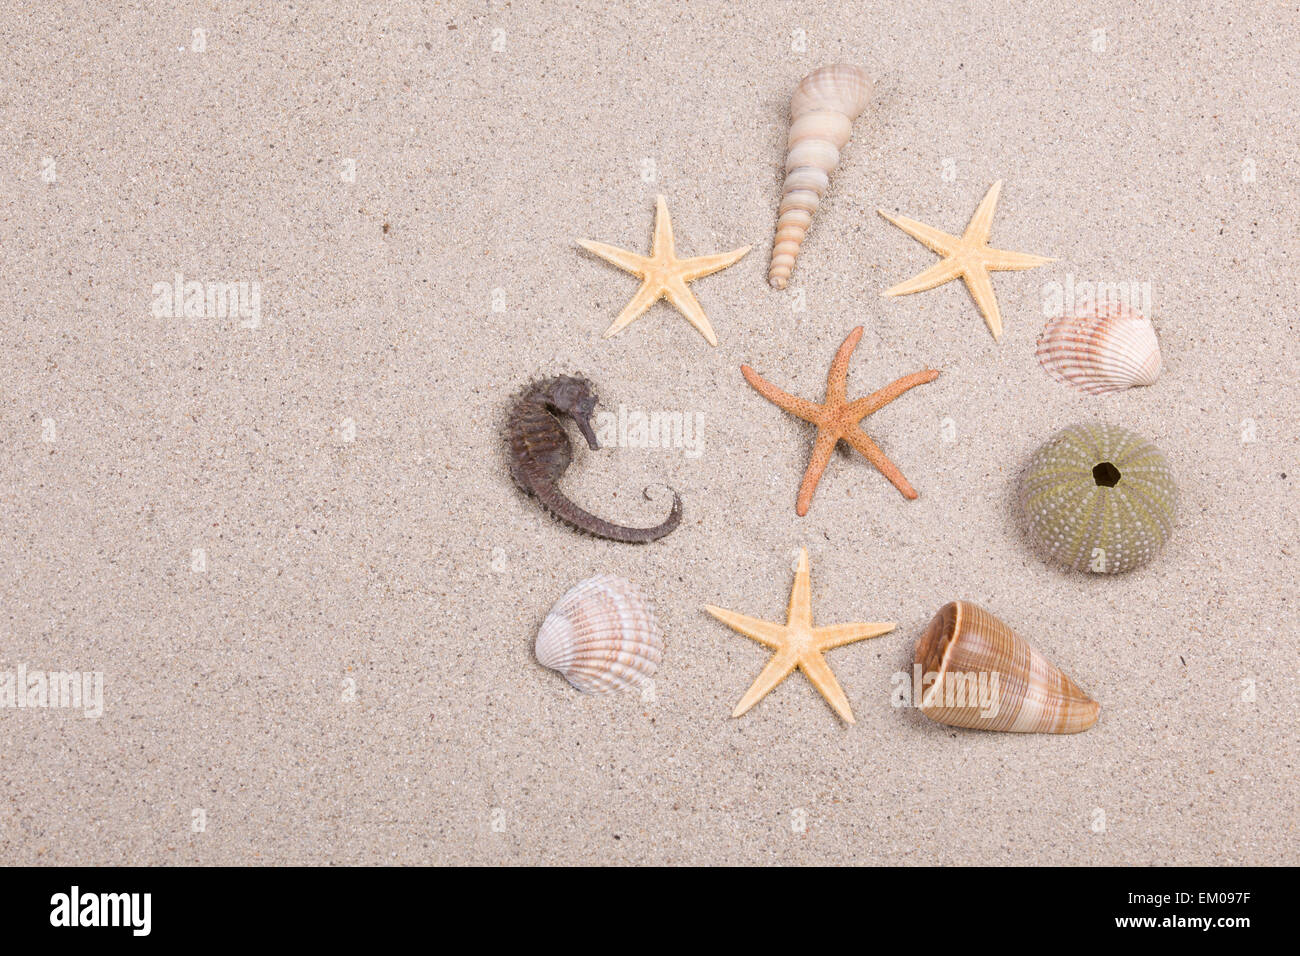 Étoile de mer et coquillages sur la plage, souvenirs de vacances Photo Stock